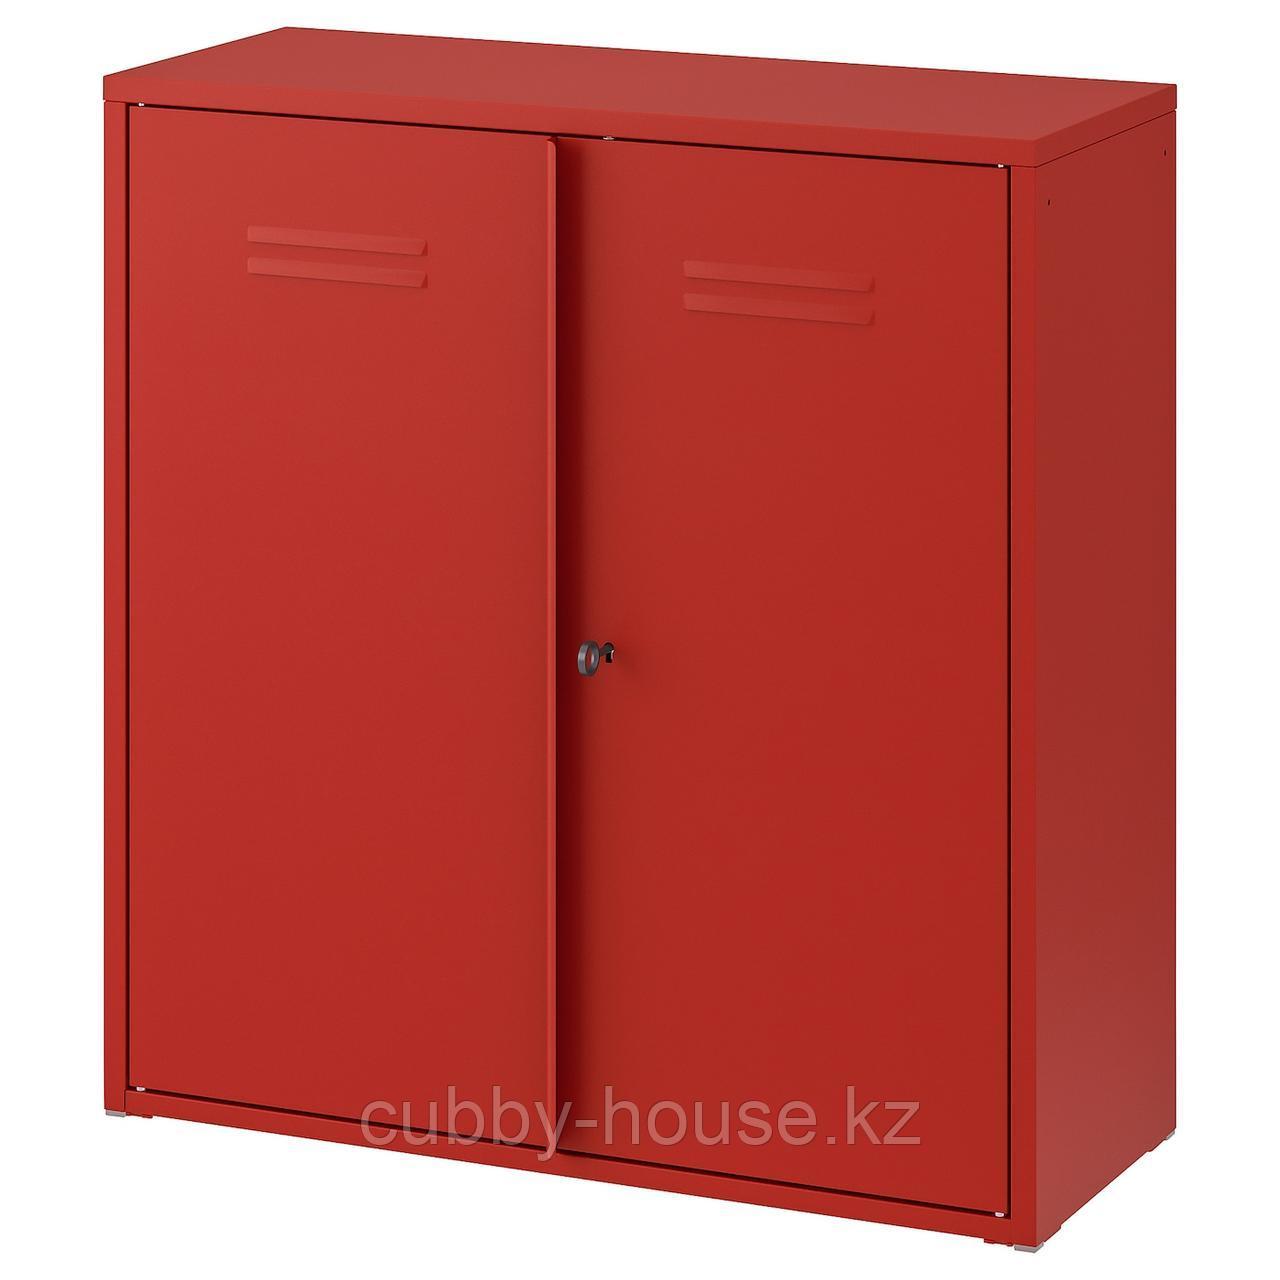 ИВАР Шкаф с дверями, красный, 80x83 см